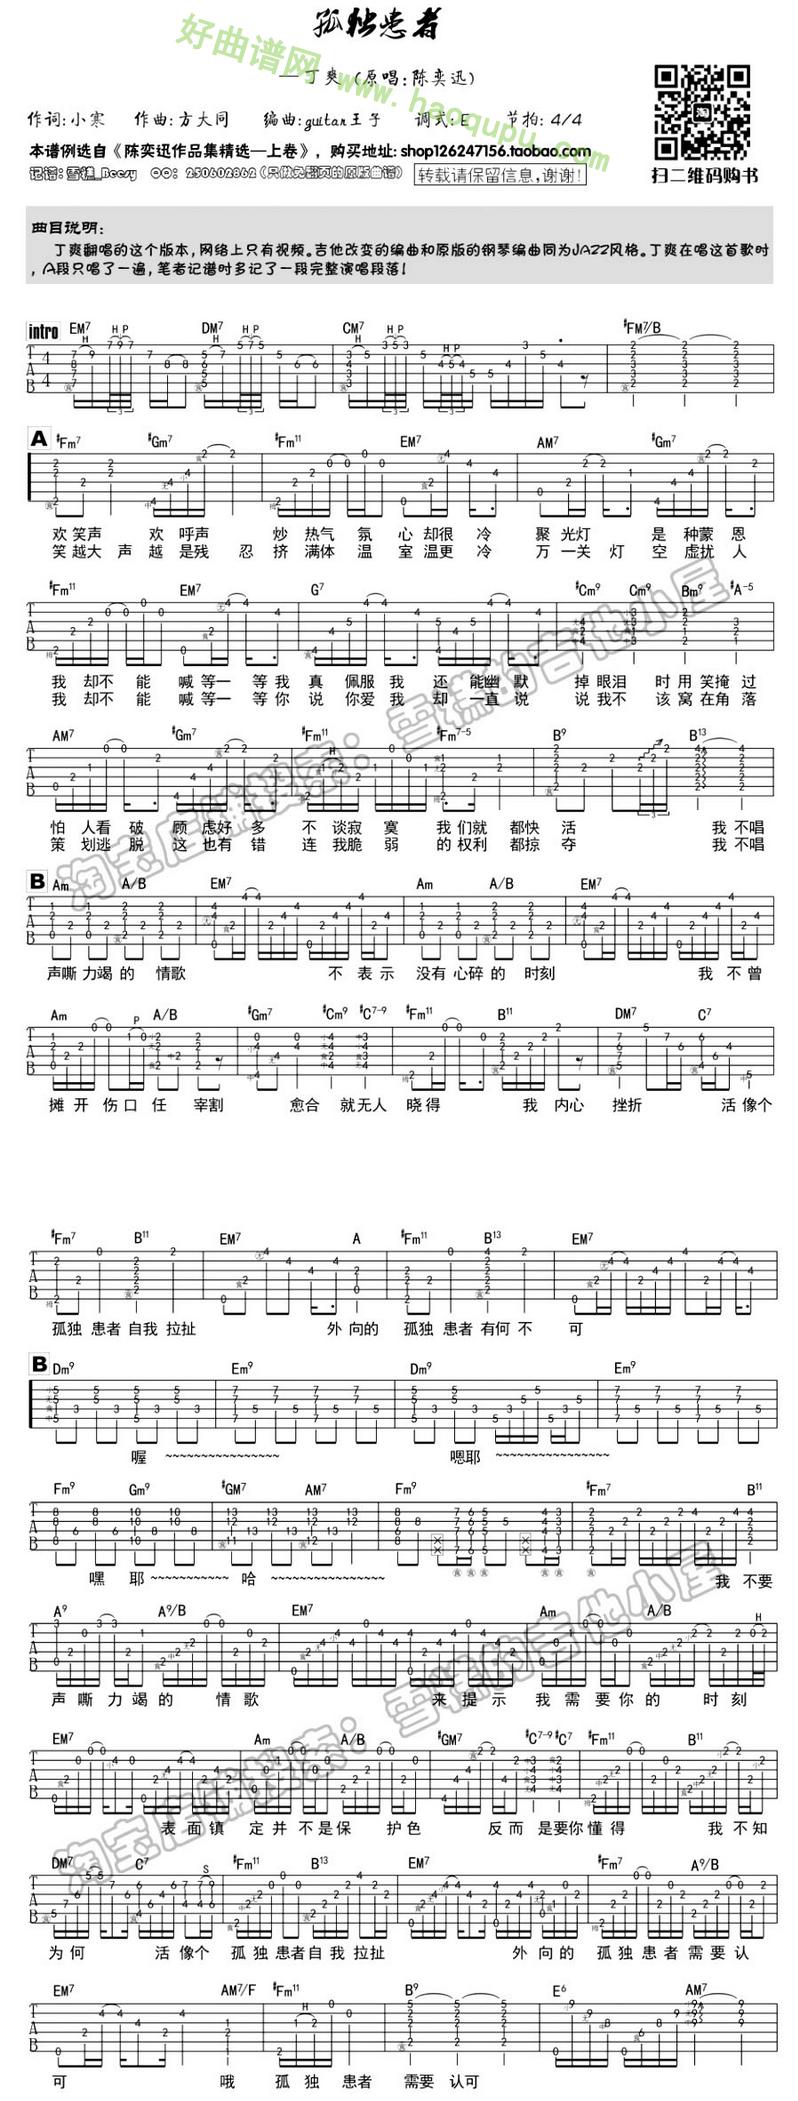 《孤独患者》(陈奕迅演唱) 吉他谱第1张